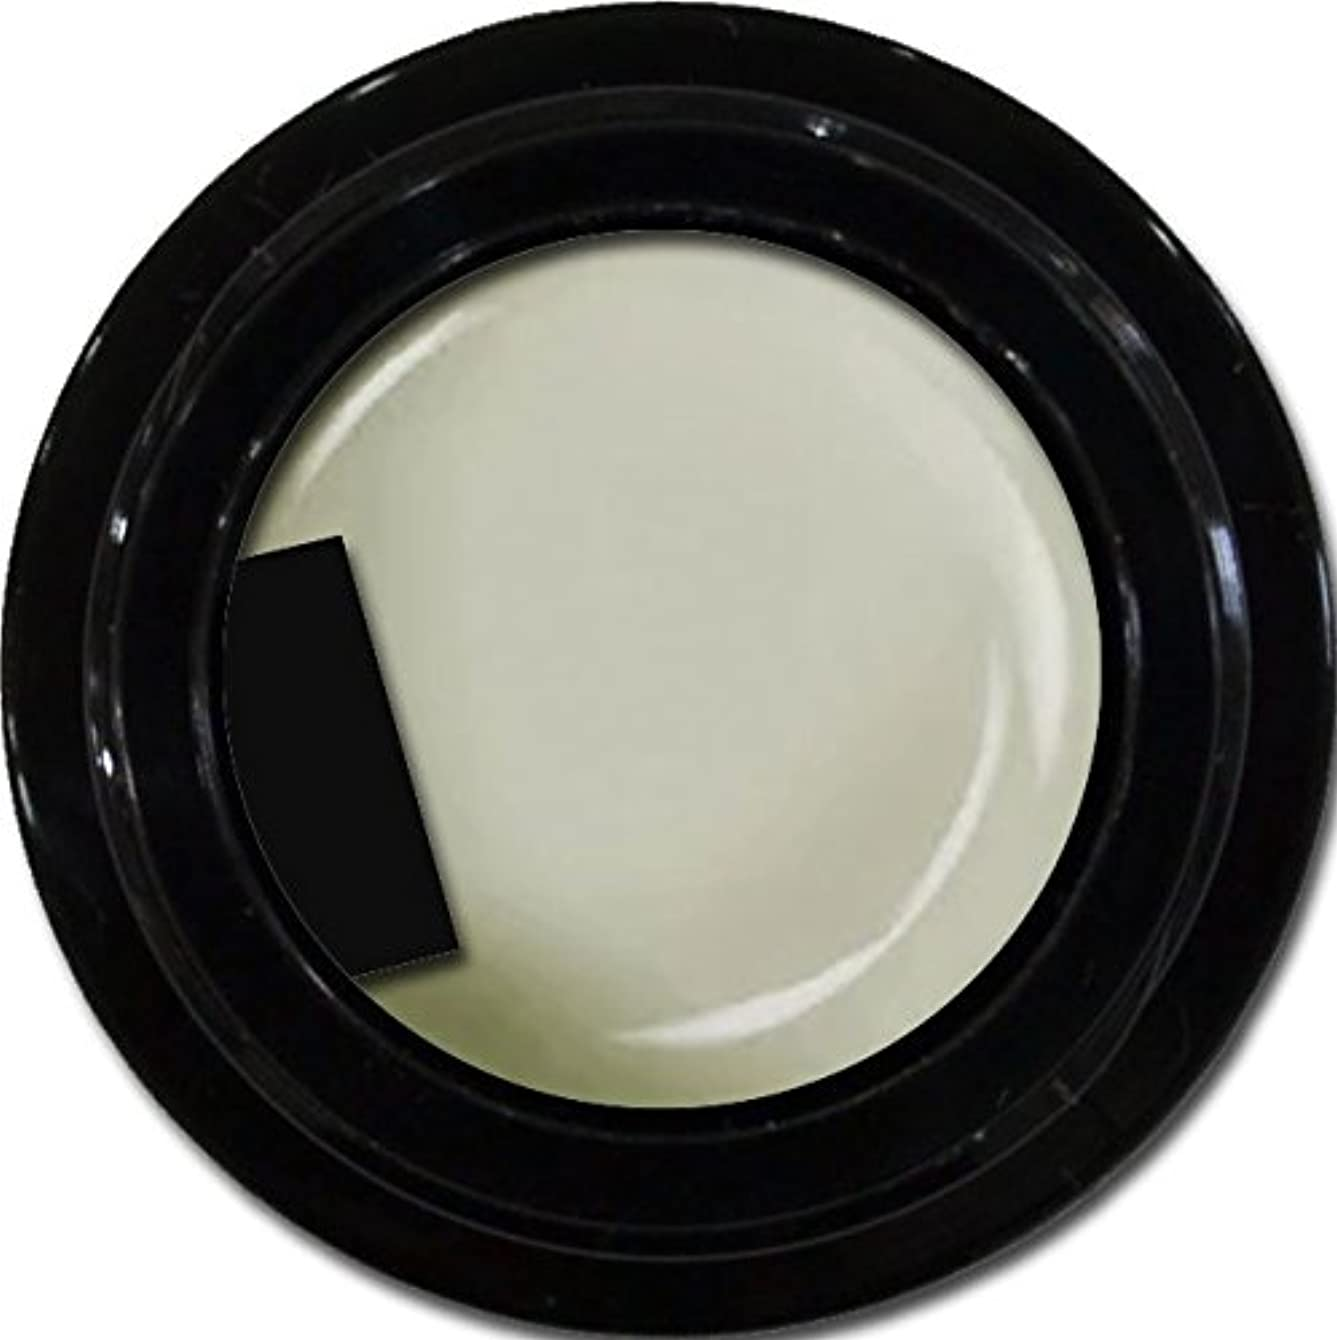 剥離着実にネイティブカラージェル enchant color gel M803 MilkyWay 3g/ マットカラージェル M803 ミルキーウェイ 3グラム